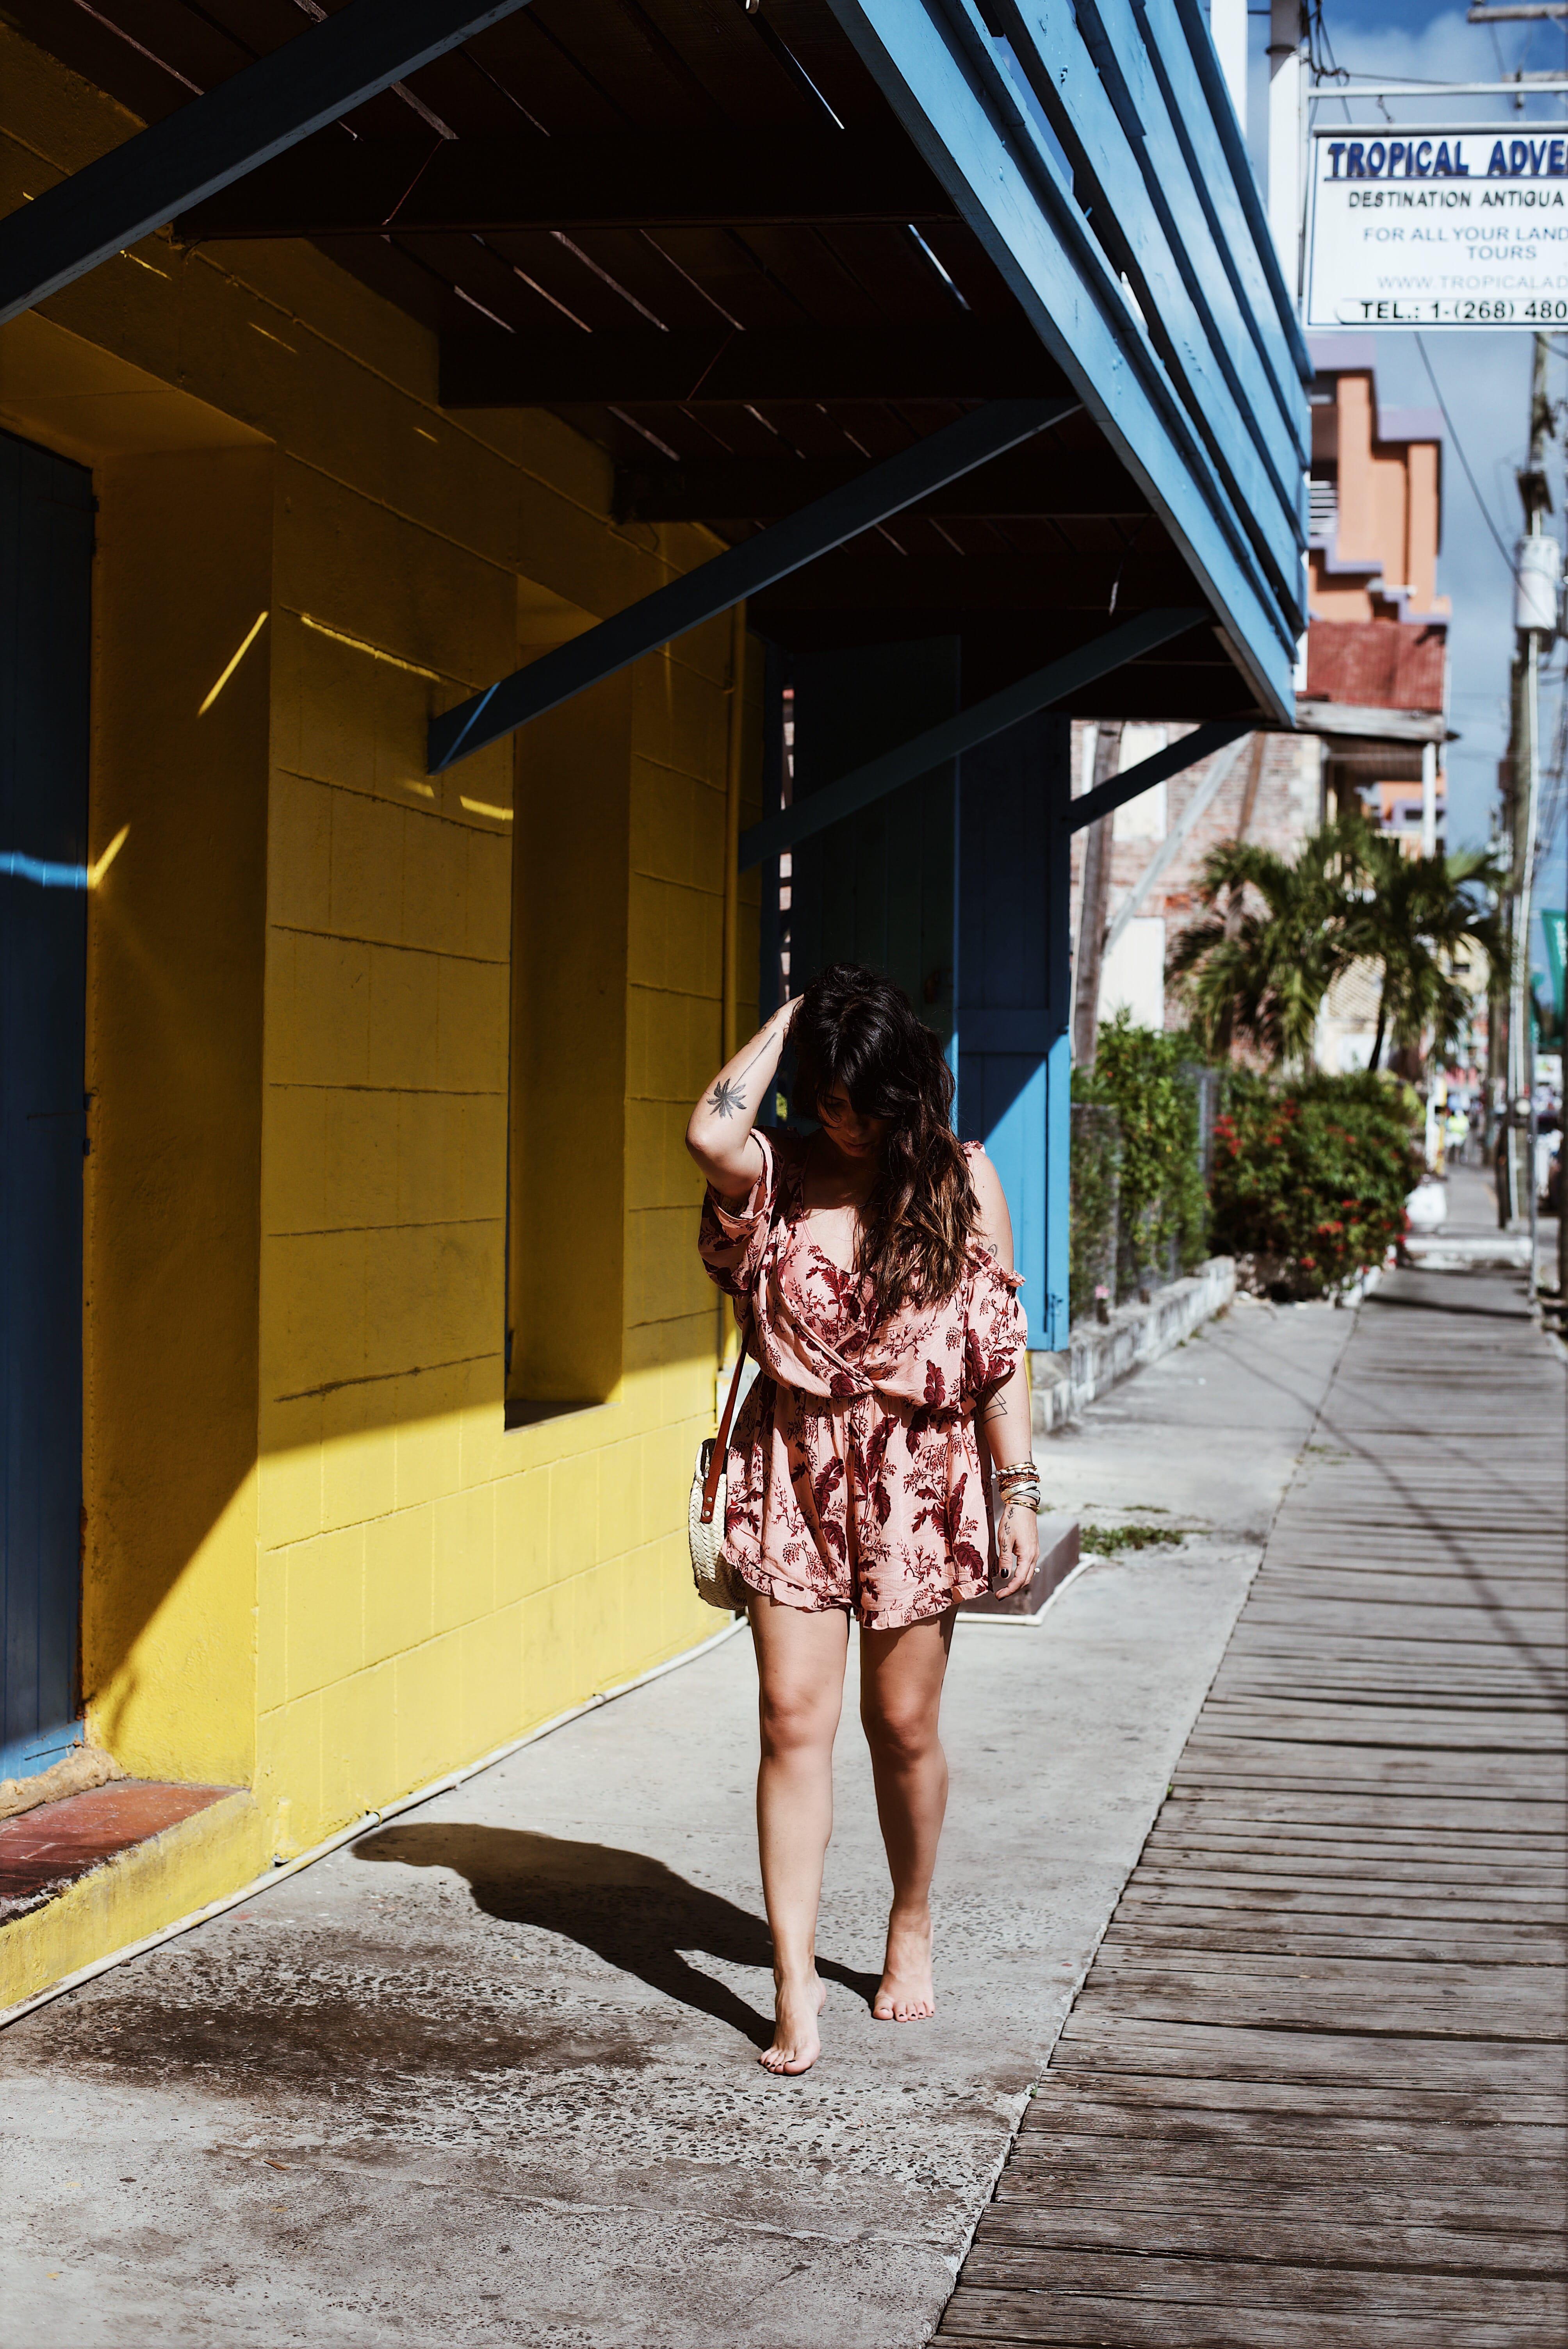 dorisknowsfashion blog mode msg croisière antigua & barbuda